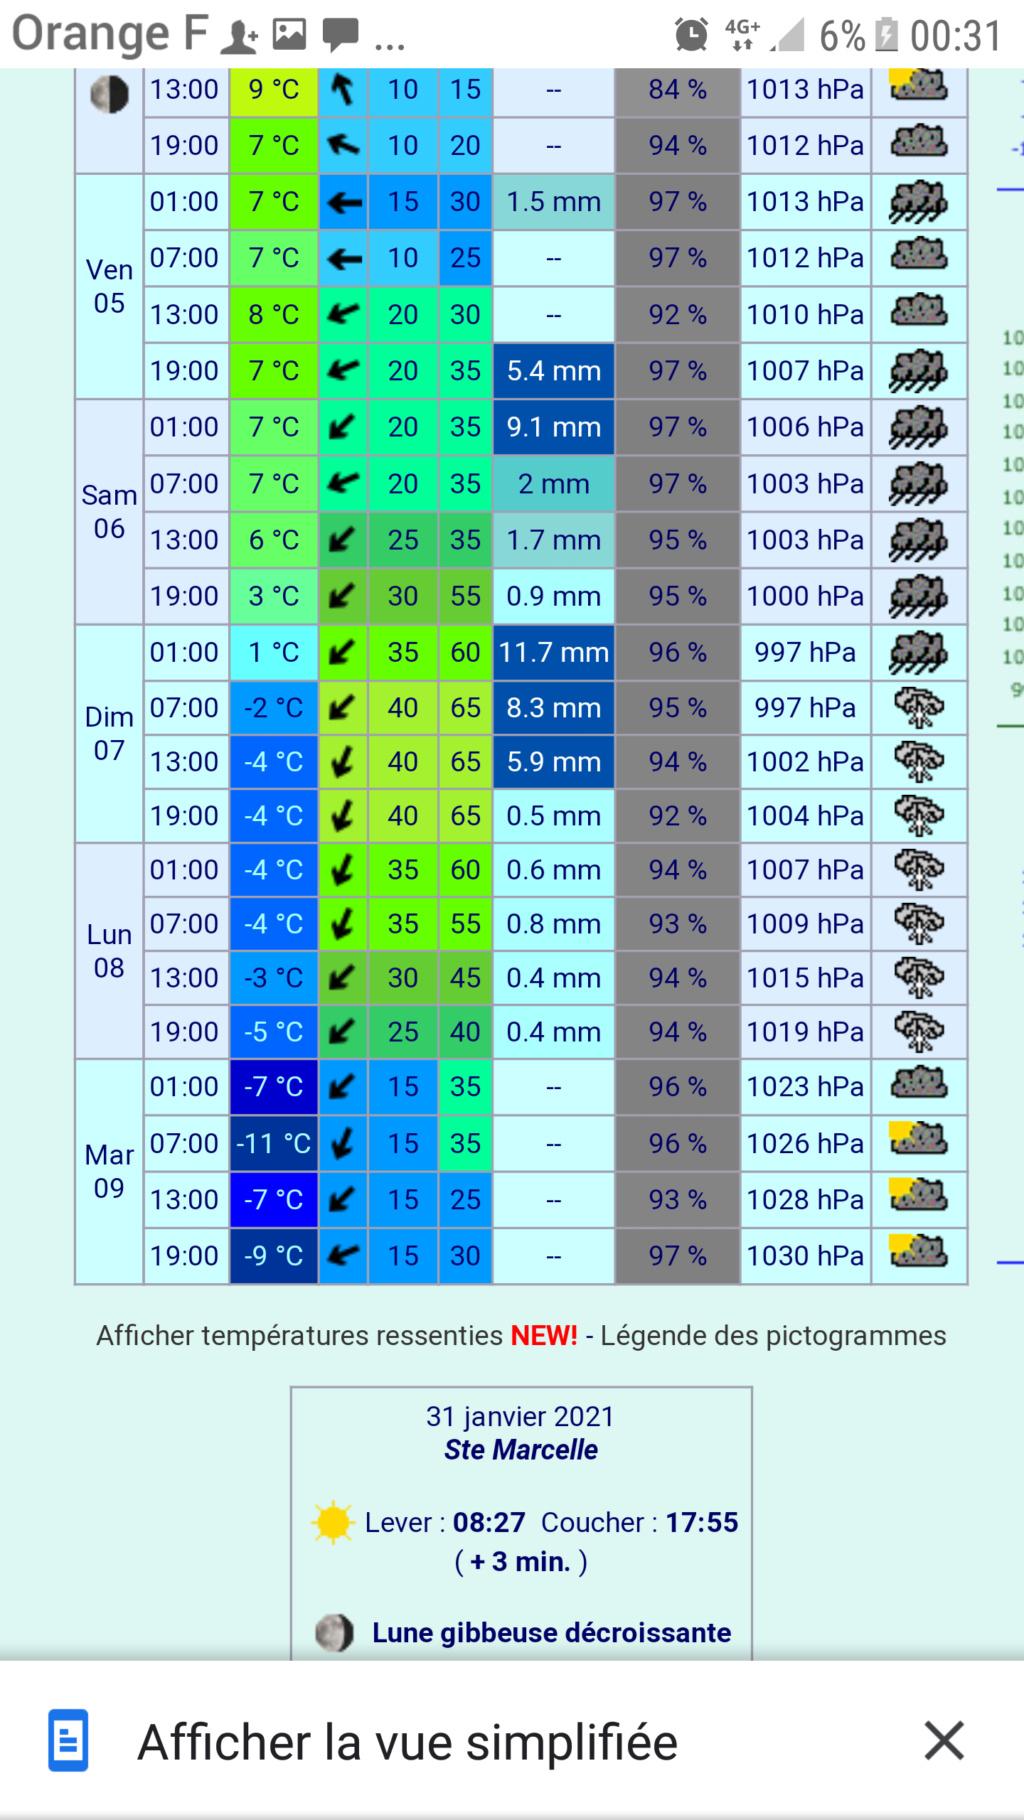 Prévisions & tendances météo - Année 2021 Screen14